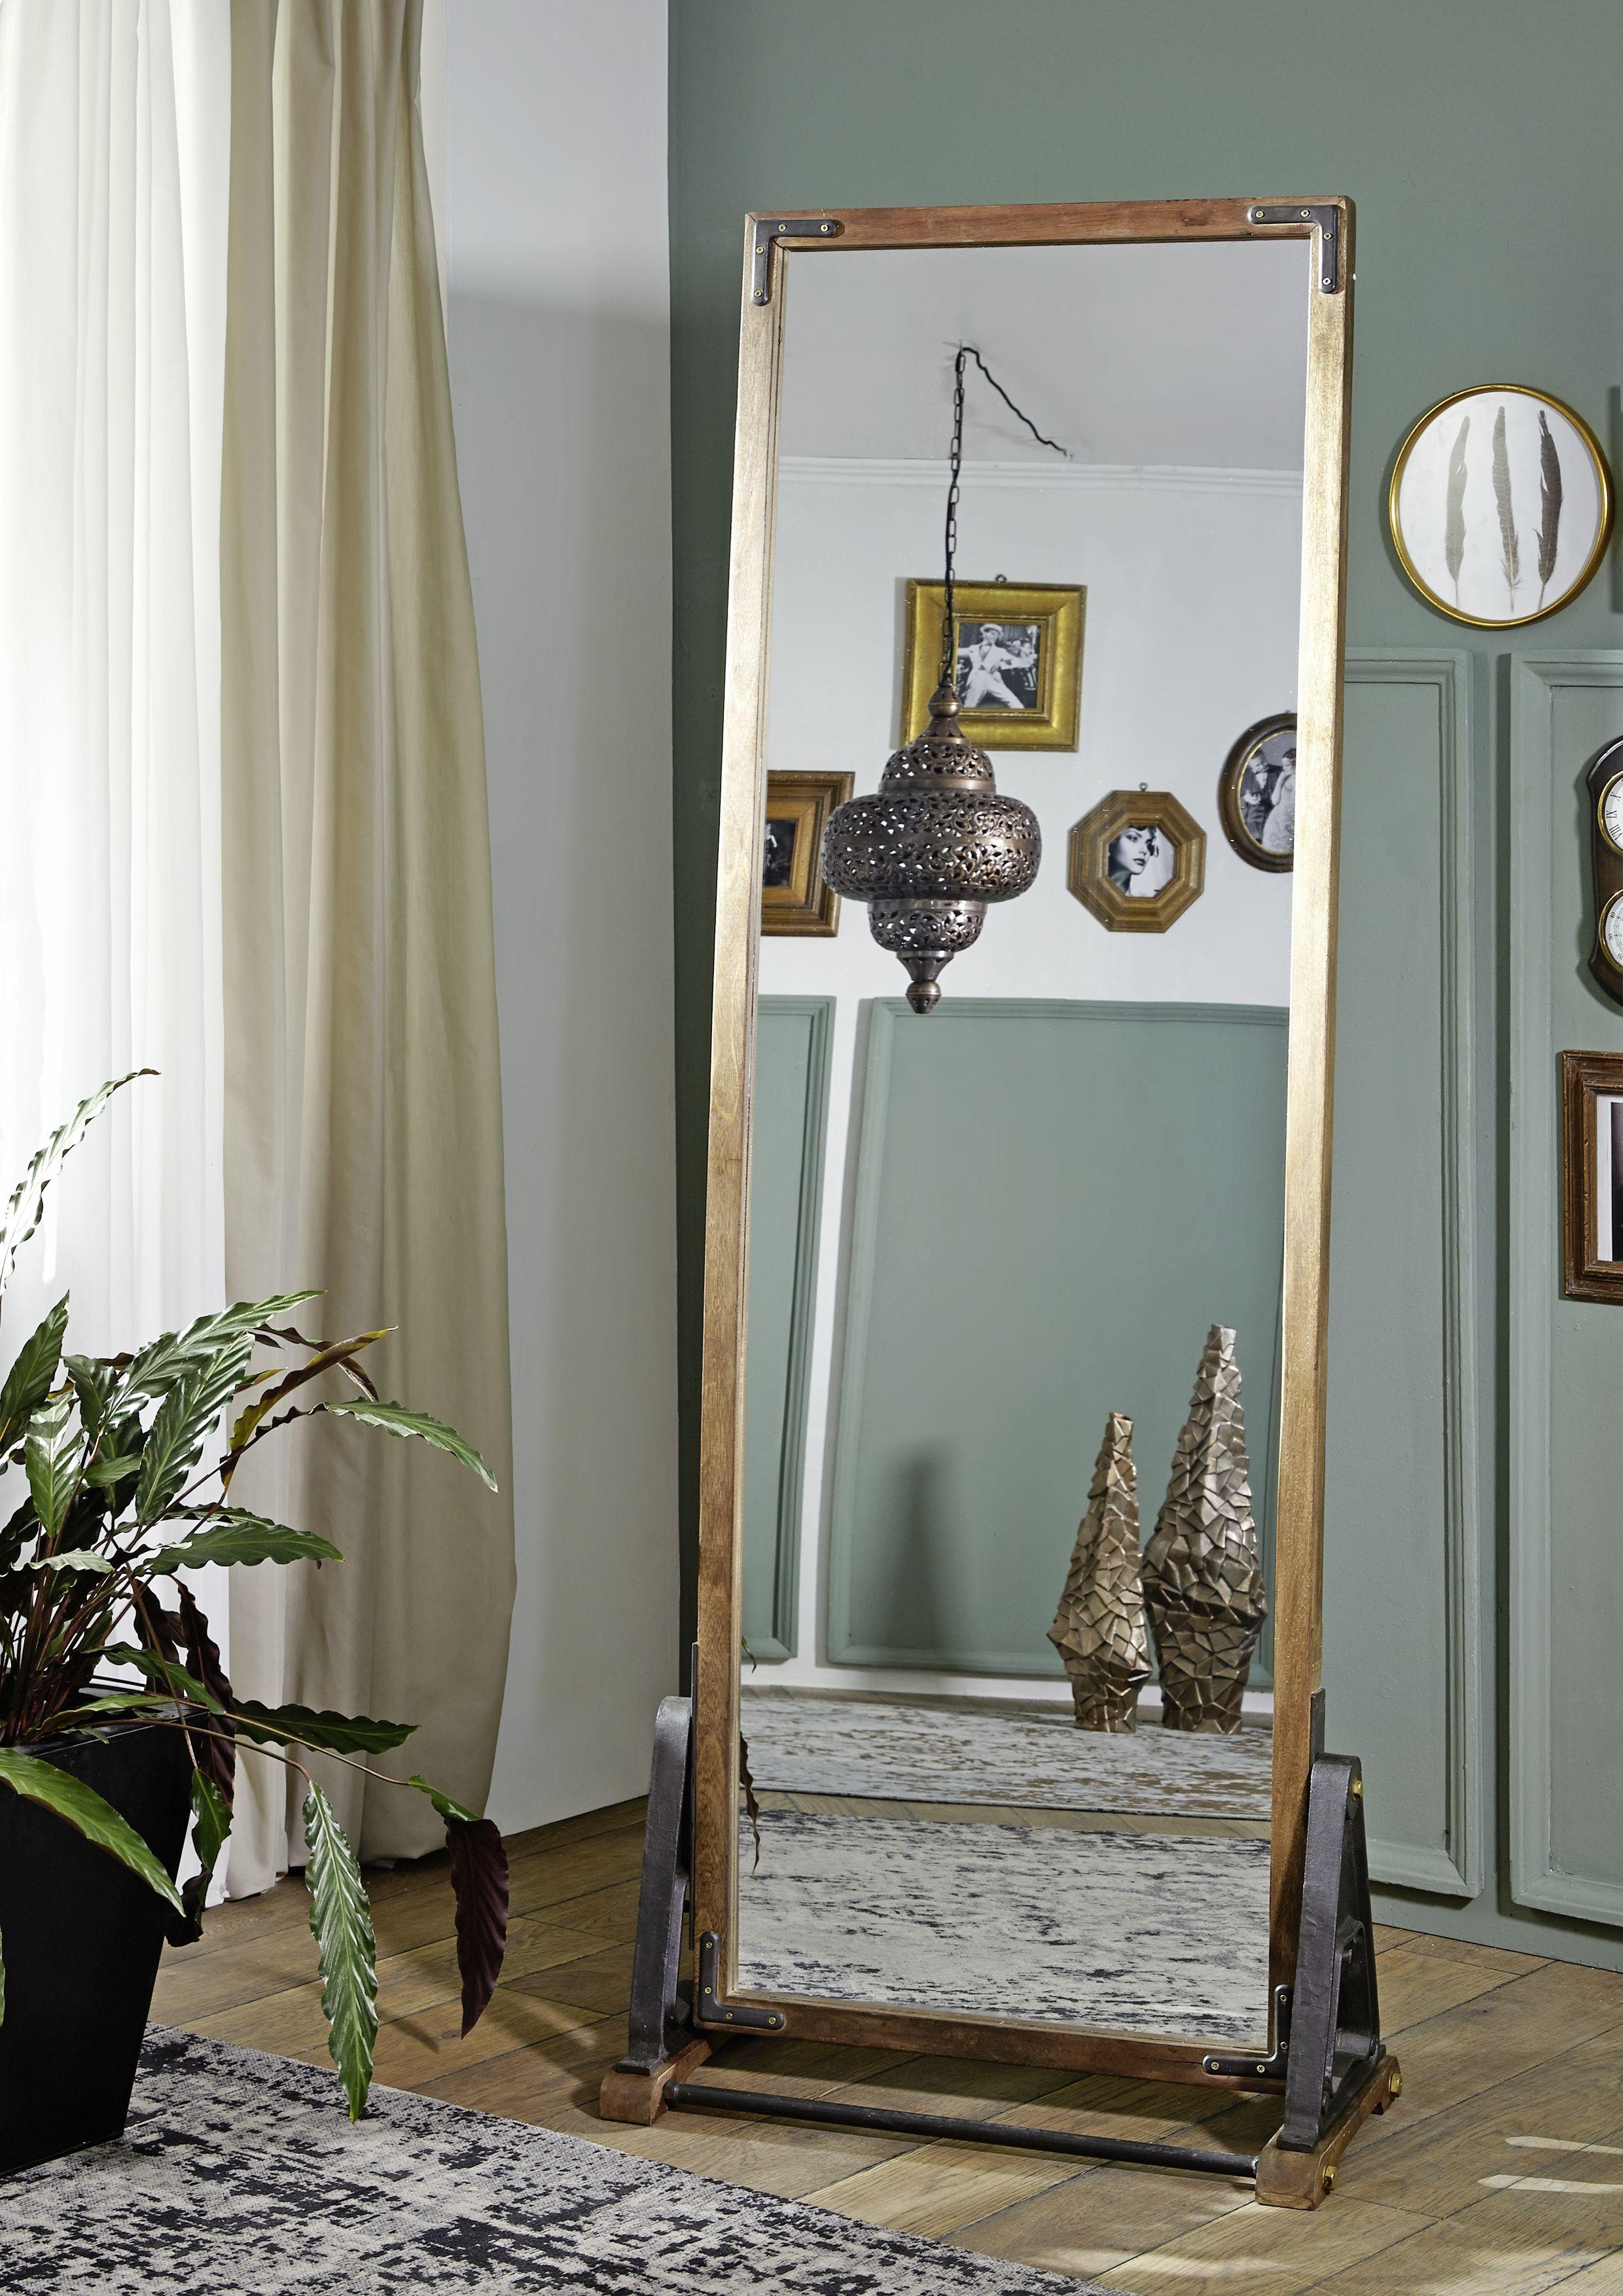 Wohnzimmer spiegelmöbel retro möbel eisen altholz s original  massivholz  heimili